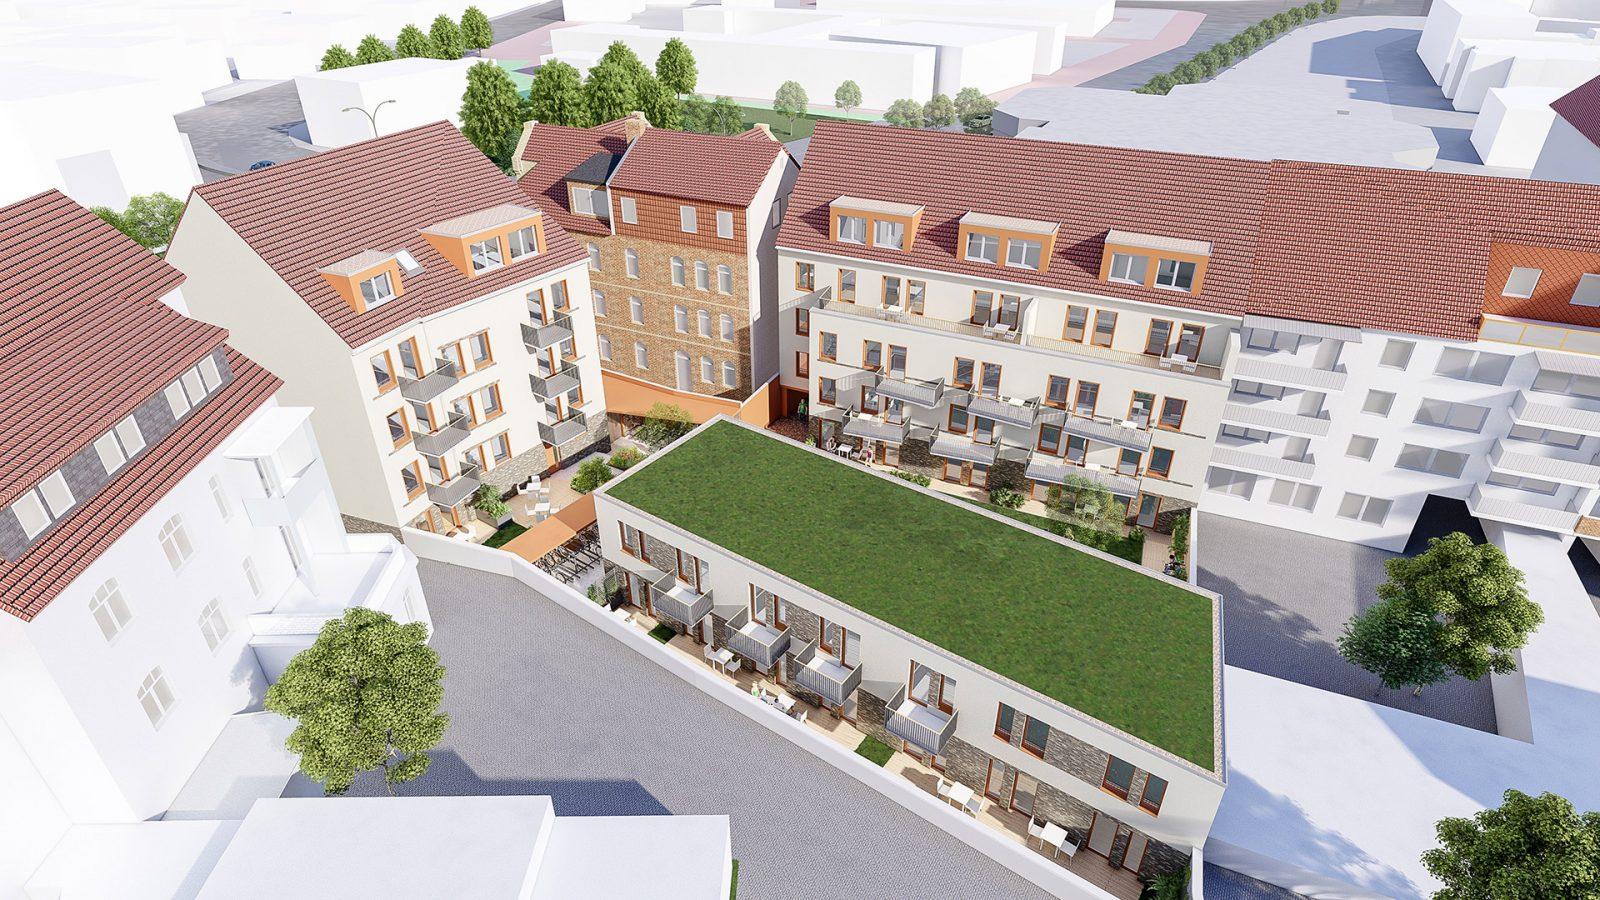 Neubau von Mirkoapartements in Einnumer Straße   JUNG - Architekturbüro, Innenarchitekturbüro Hildesheim